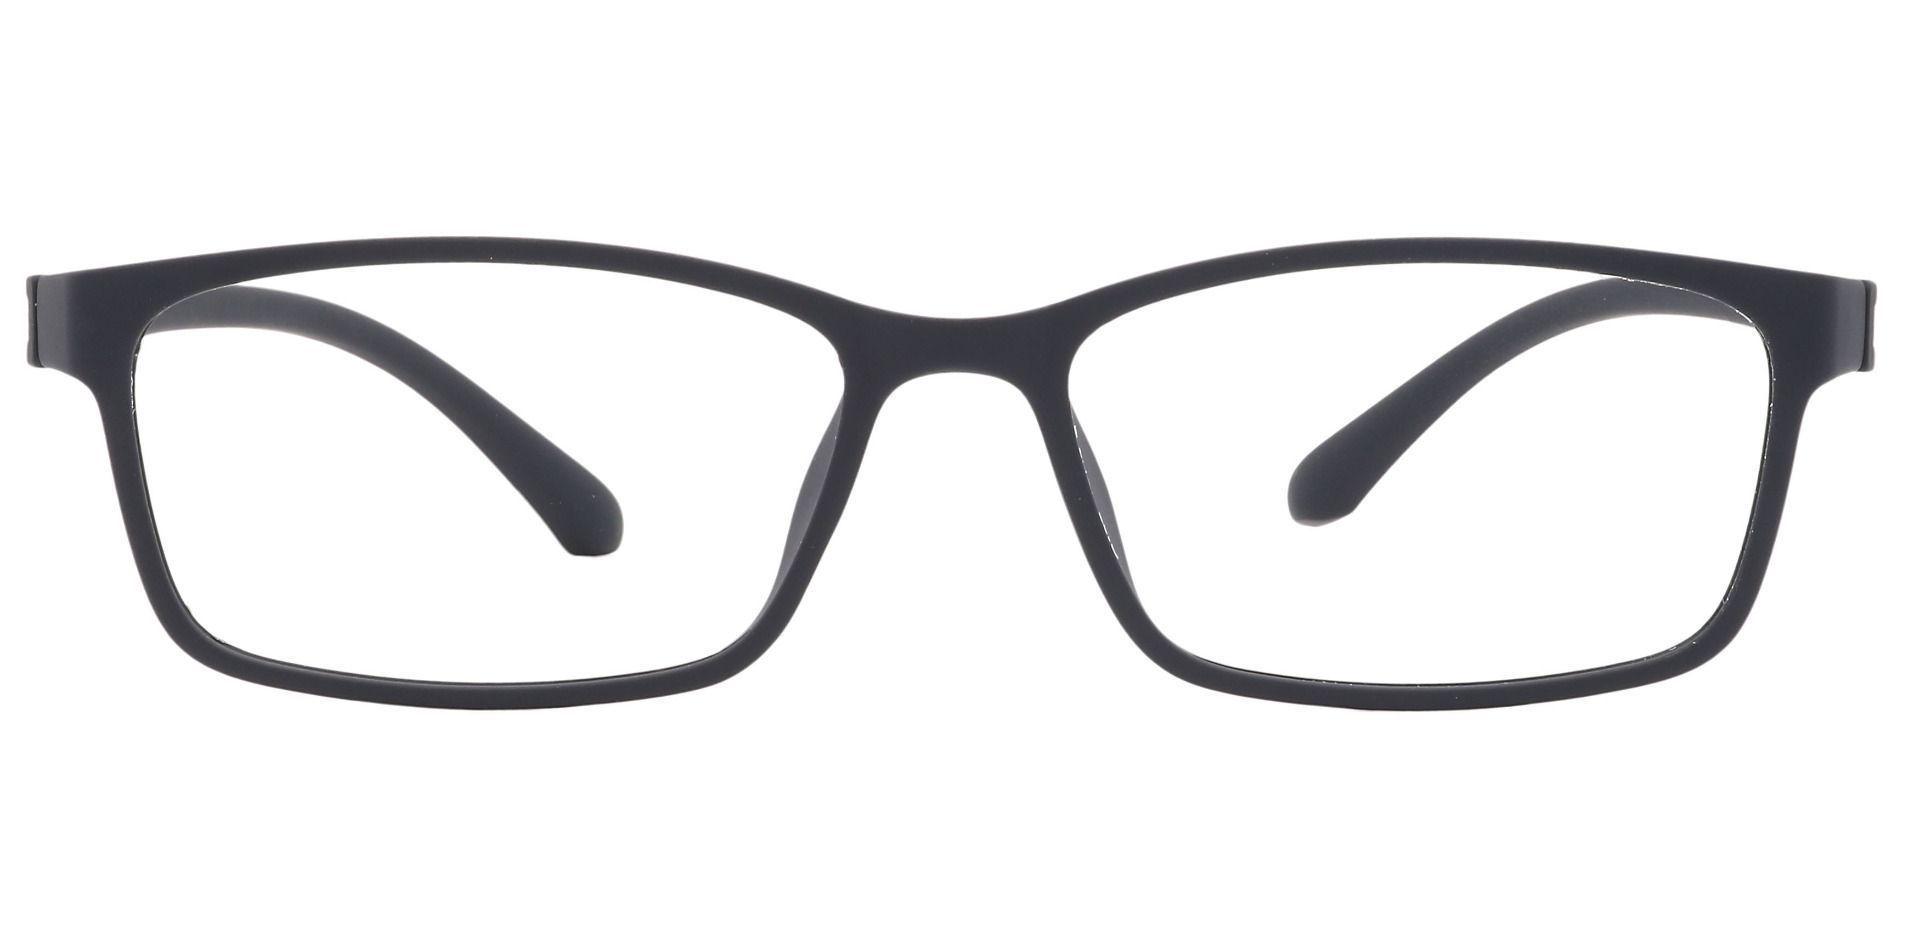 Wichita Rectangle Prescription Glasses -  Matte Black